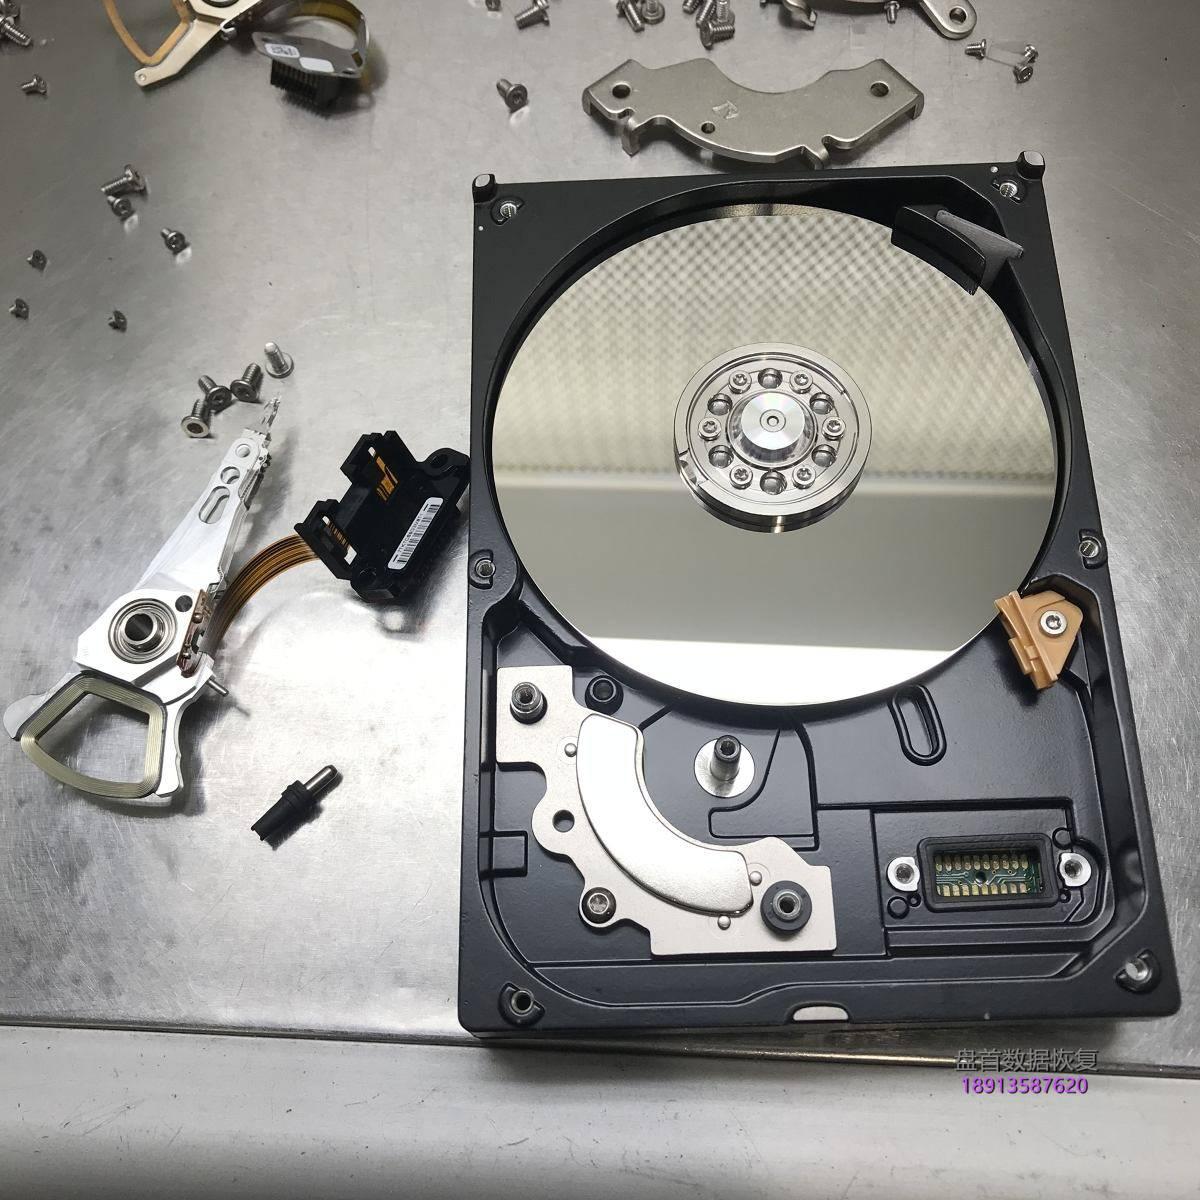 电脑开机硬盘异响WD3200AAJS-00YZCA0磁头损坏开盘数据恢复